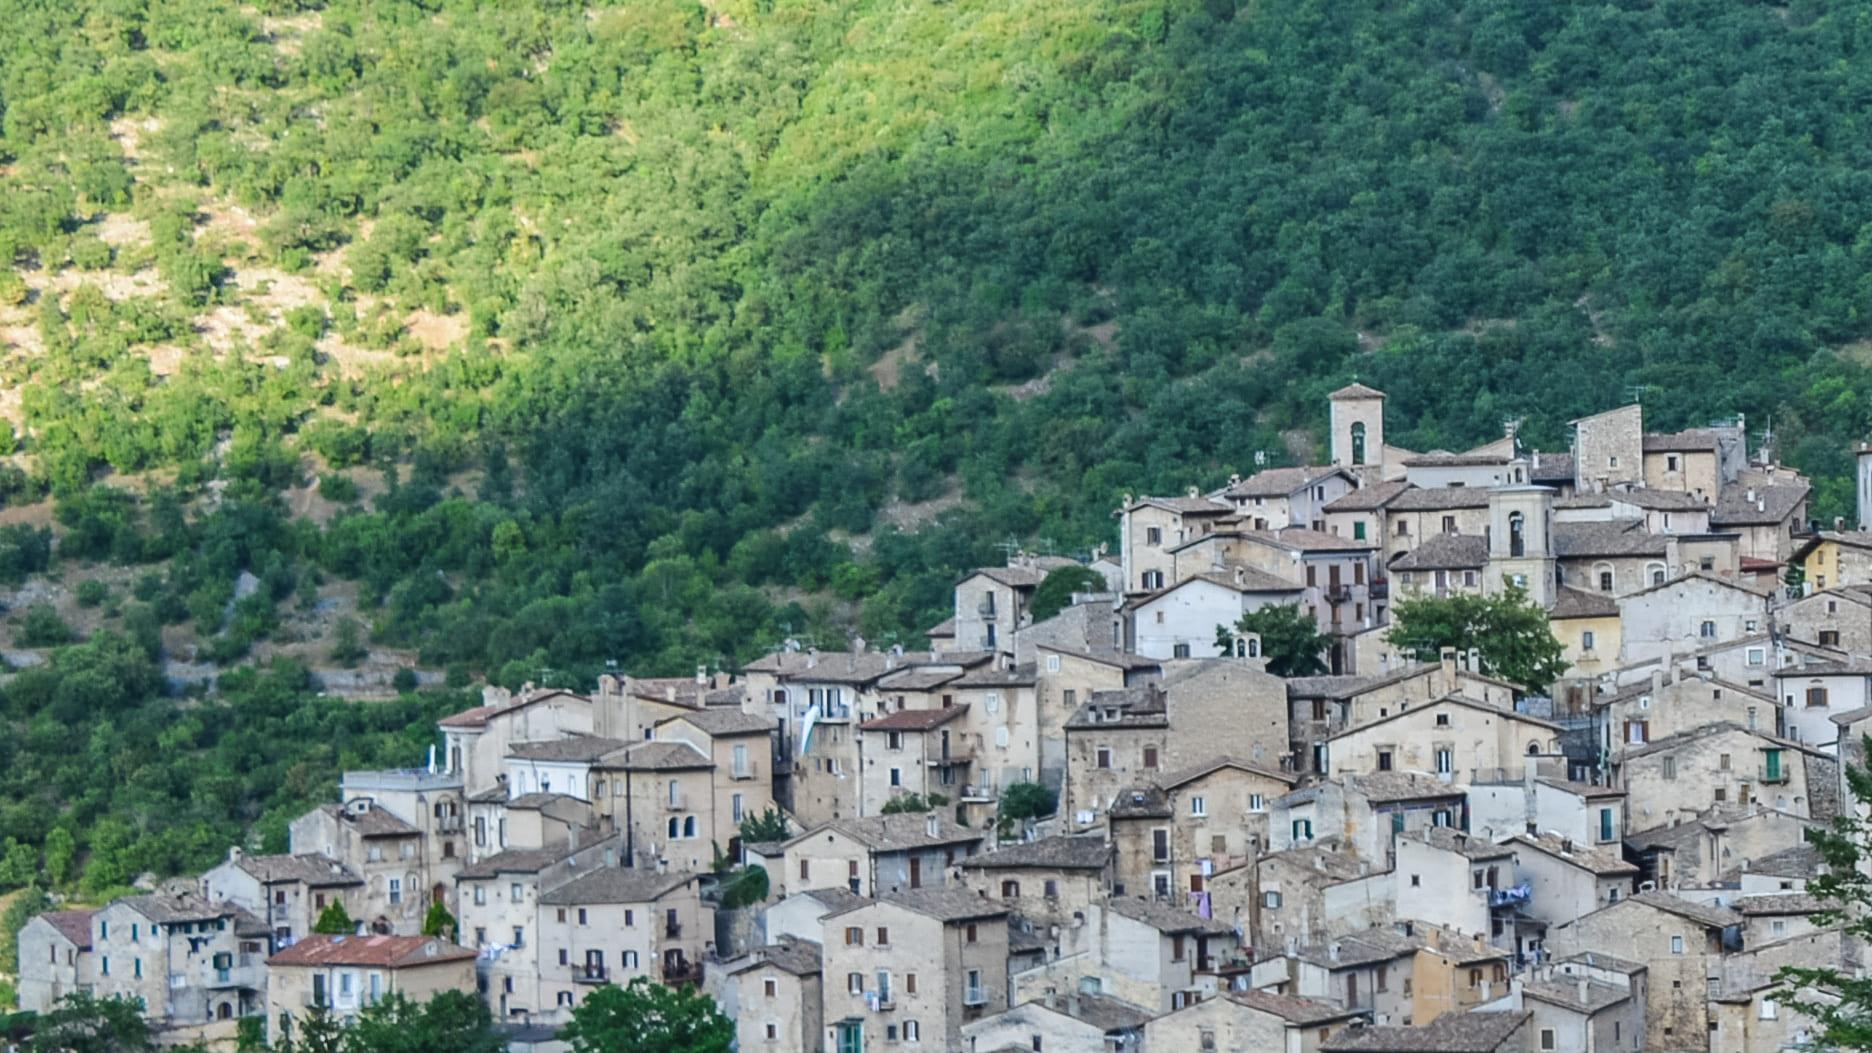 Una vista completa su Scanno con in primo piano il paese con le sue case medievali. Sullo sfondo invece il verde del Parco Nazionale d'Abruzzo nei Monti Marsicani